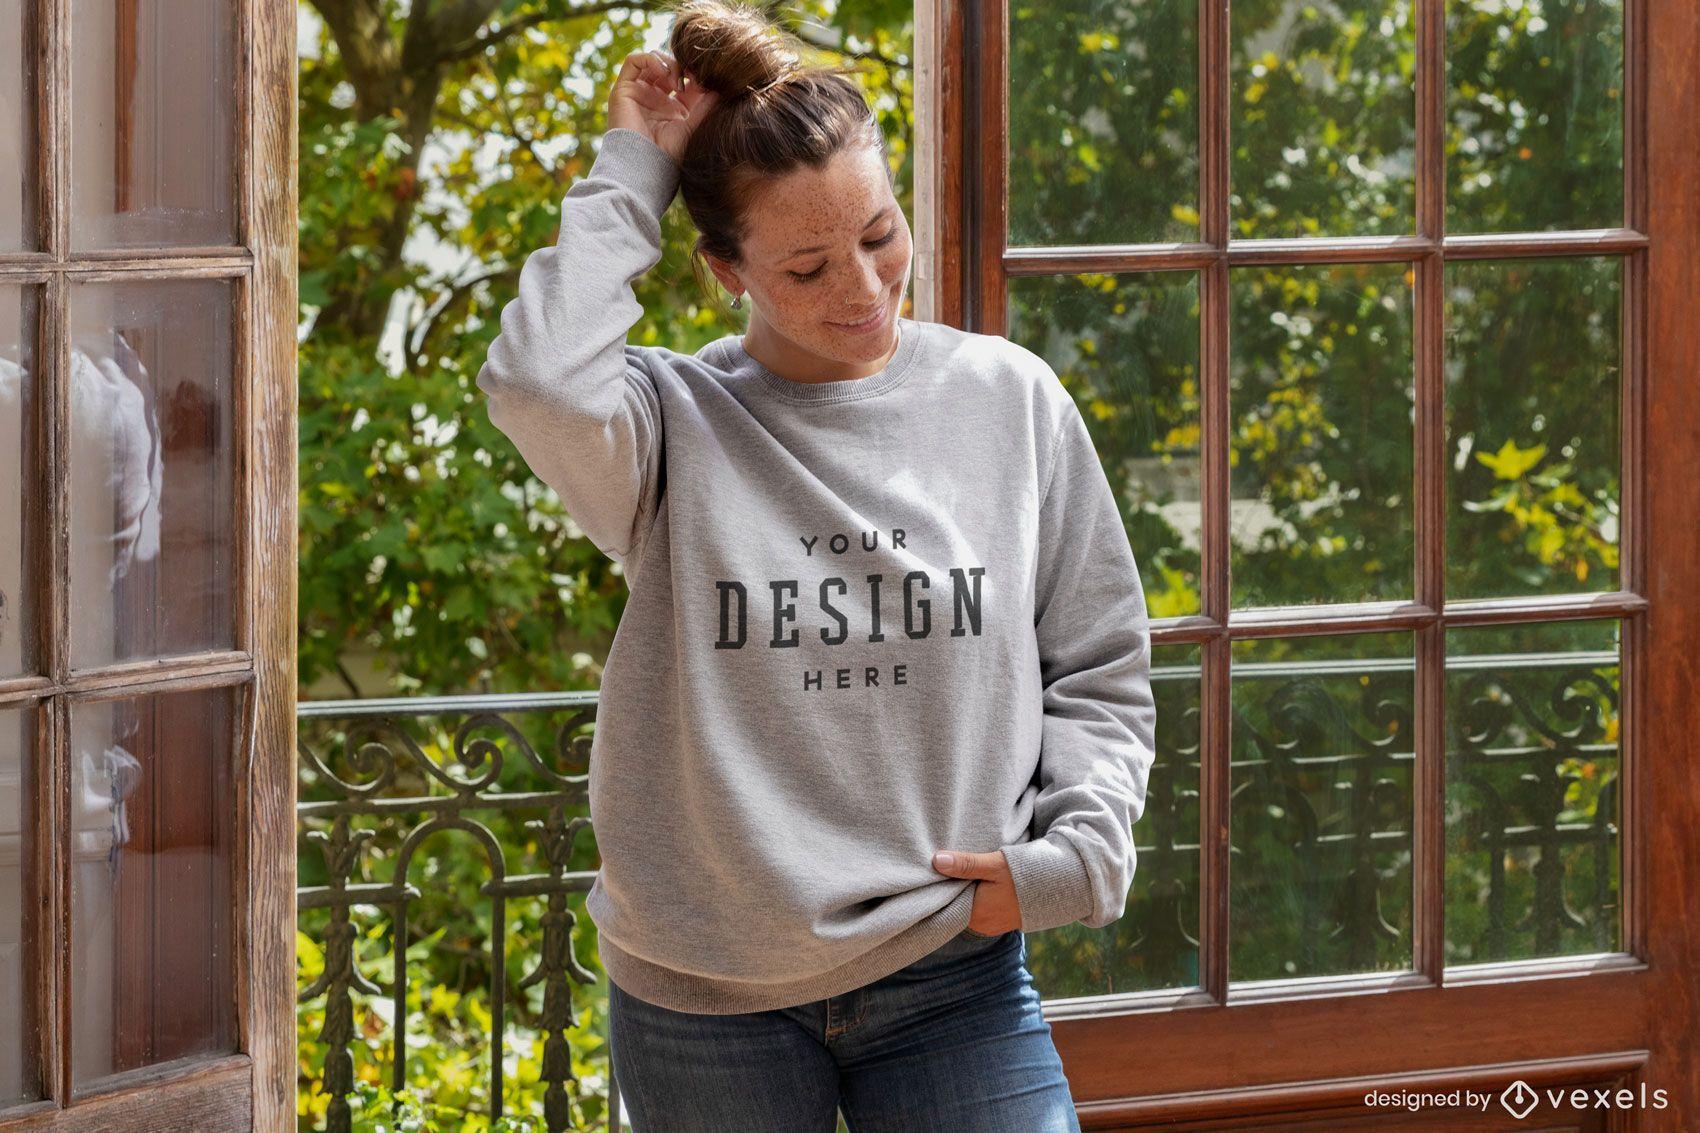 Frau gegen offenes Fenster-Sweatshirt-Modell